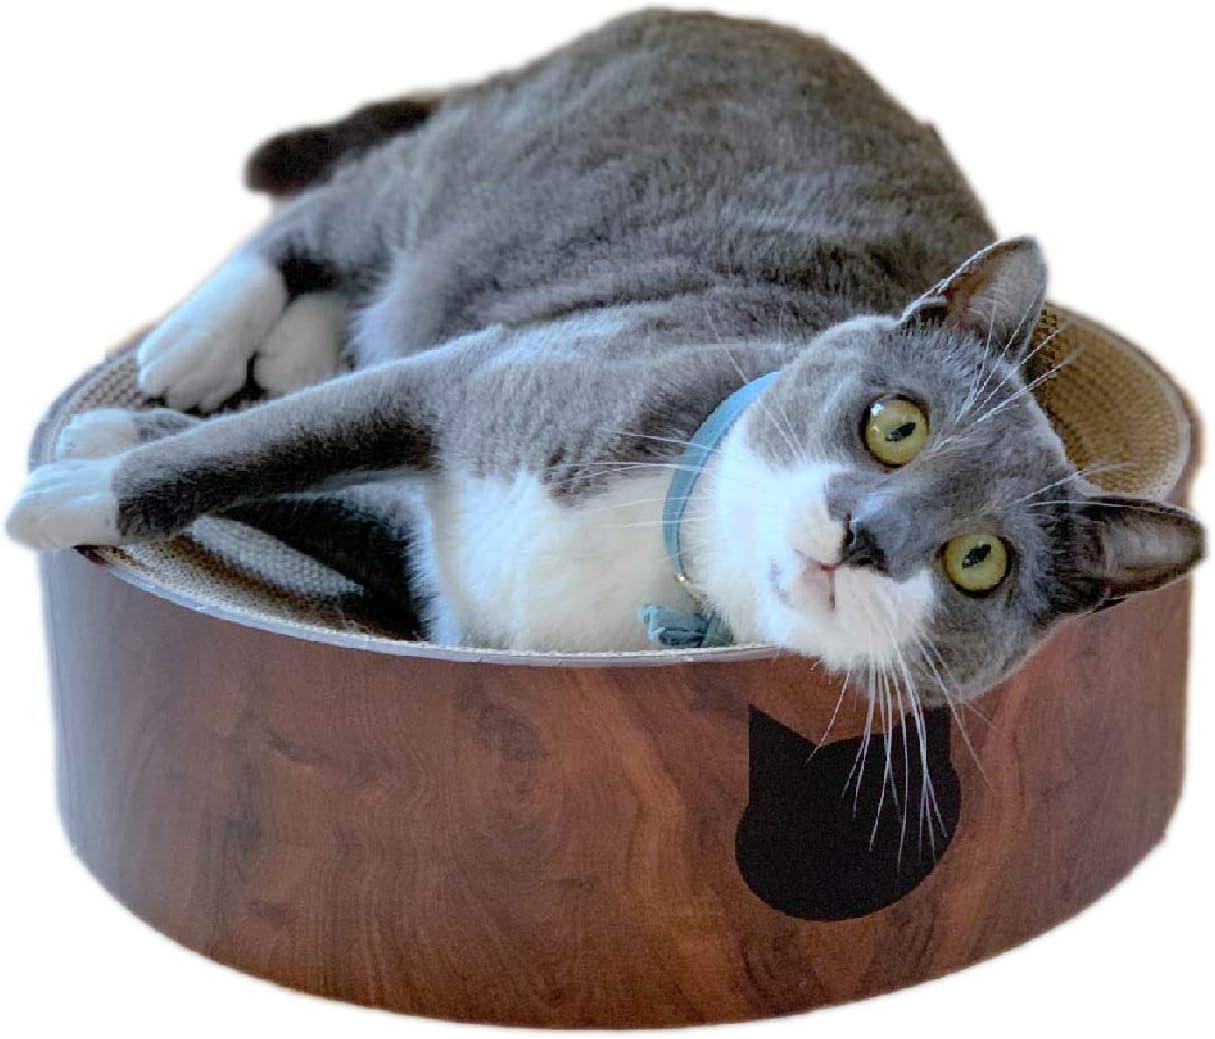 NECOICHI Cozy Cat Scratcher Bowl